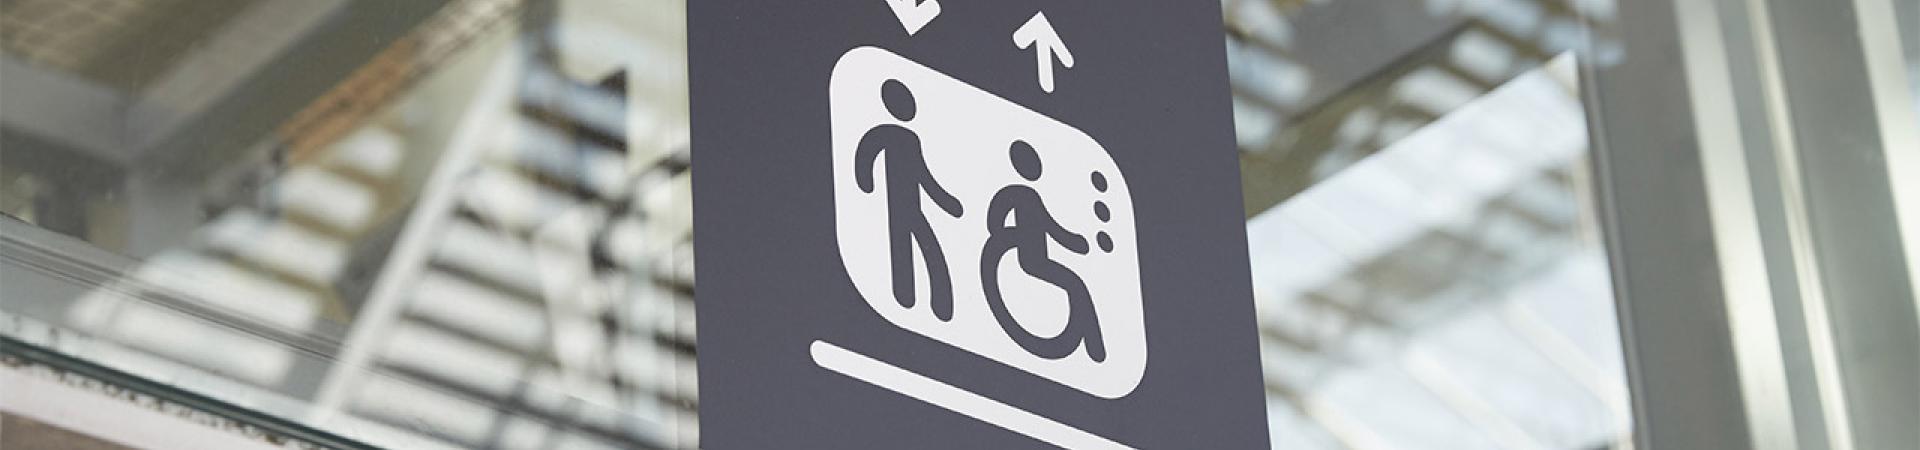 Mise en accessibilité de la gare de cavaillon